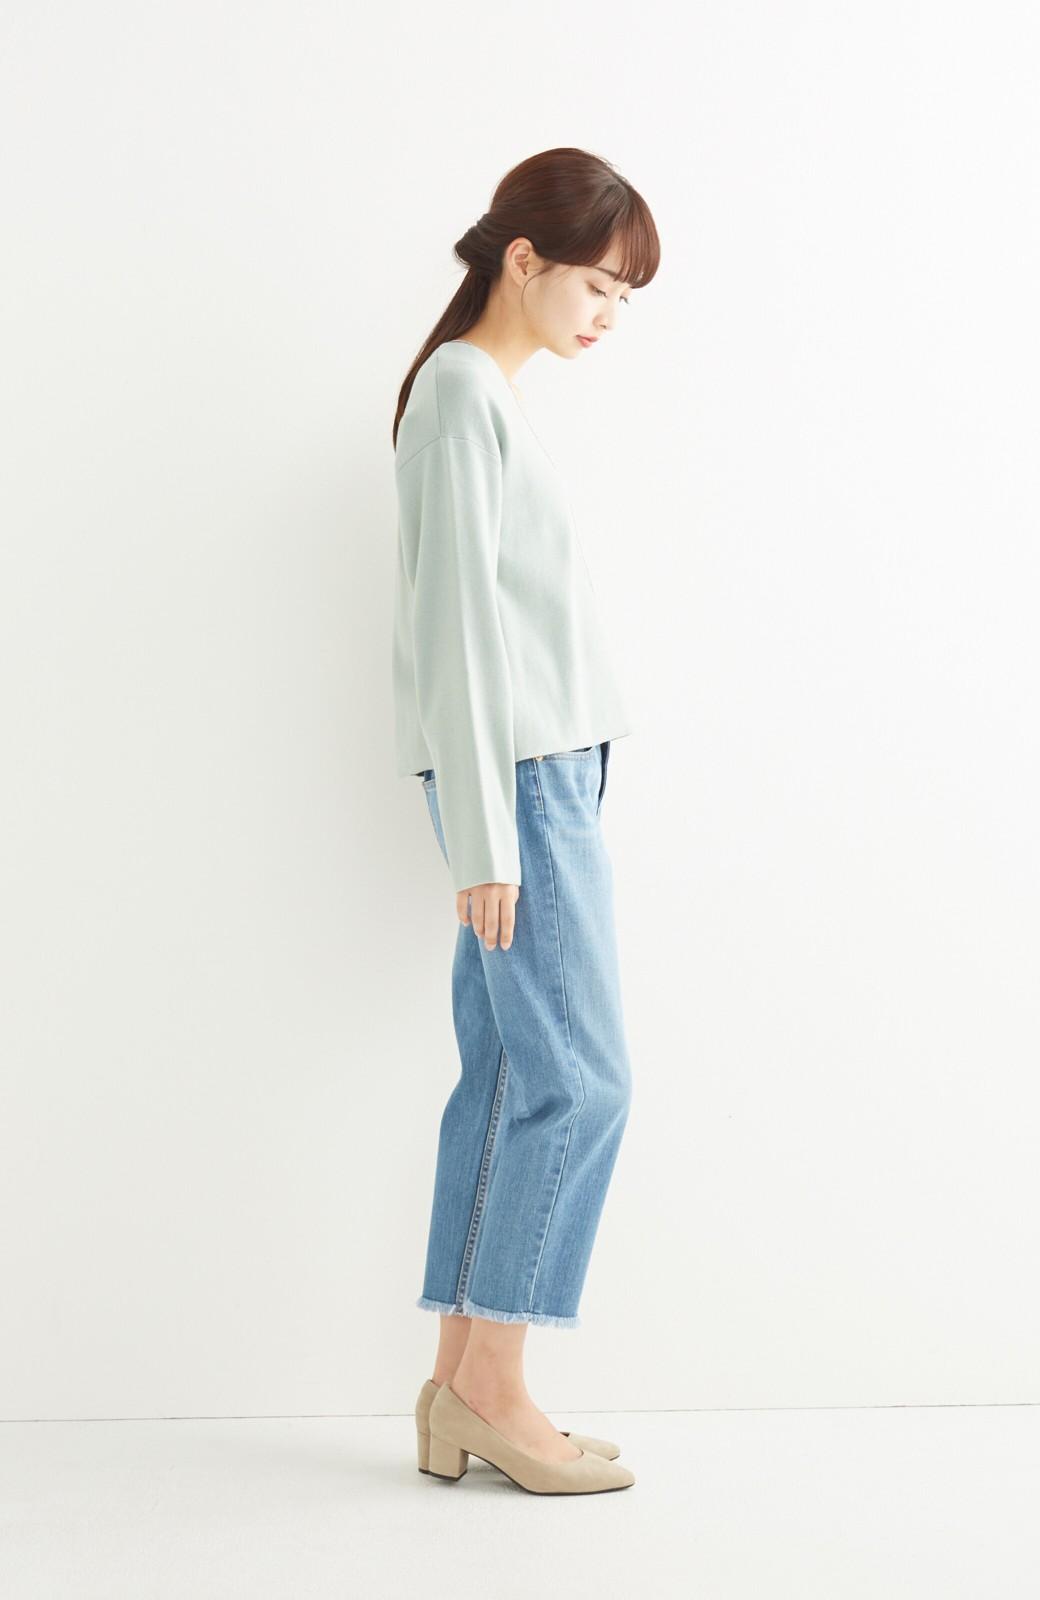 エムトロワ パッと着るだけでいい感じになれる きちんと見えて長い季節使えるミラノリブニット <ミント>の商品写真5